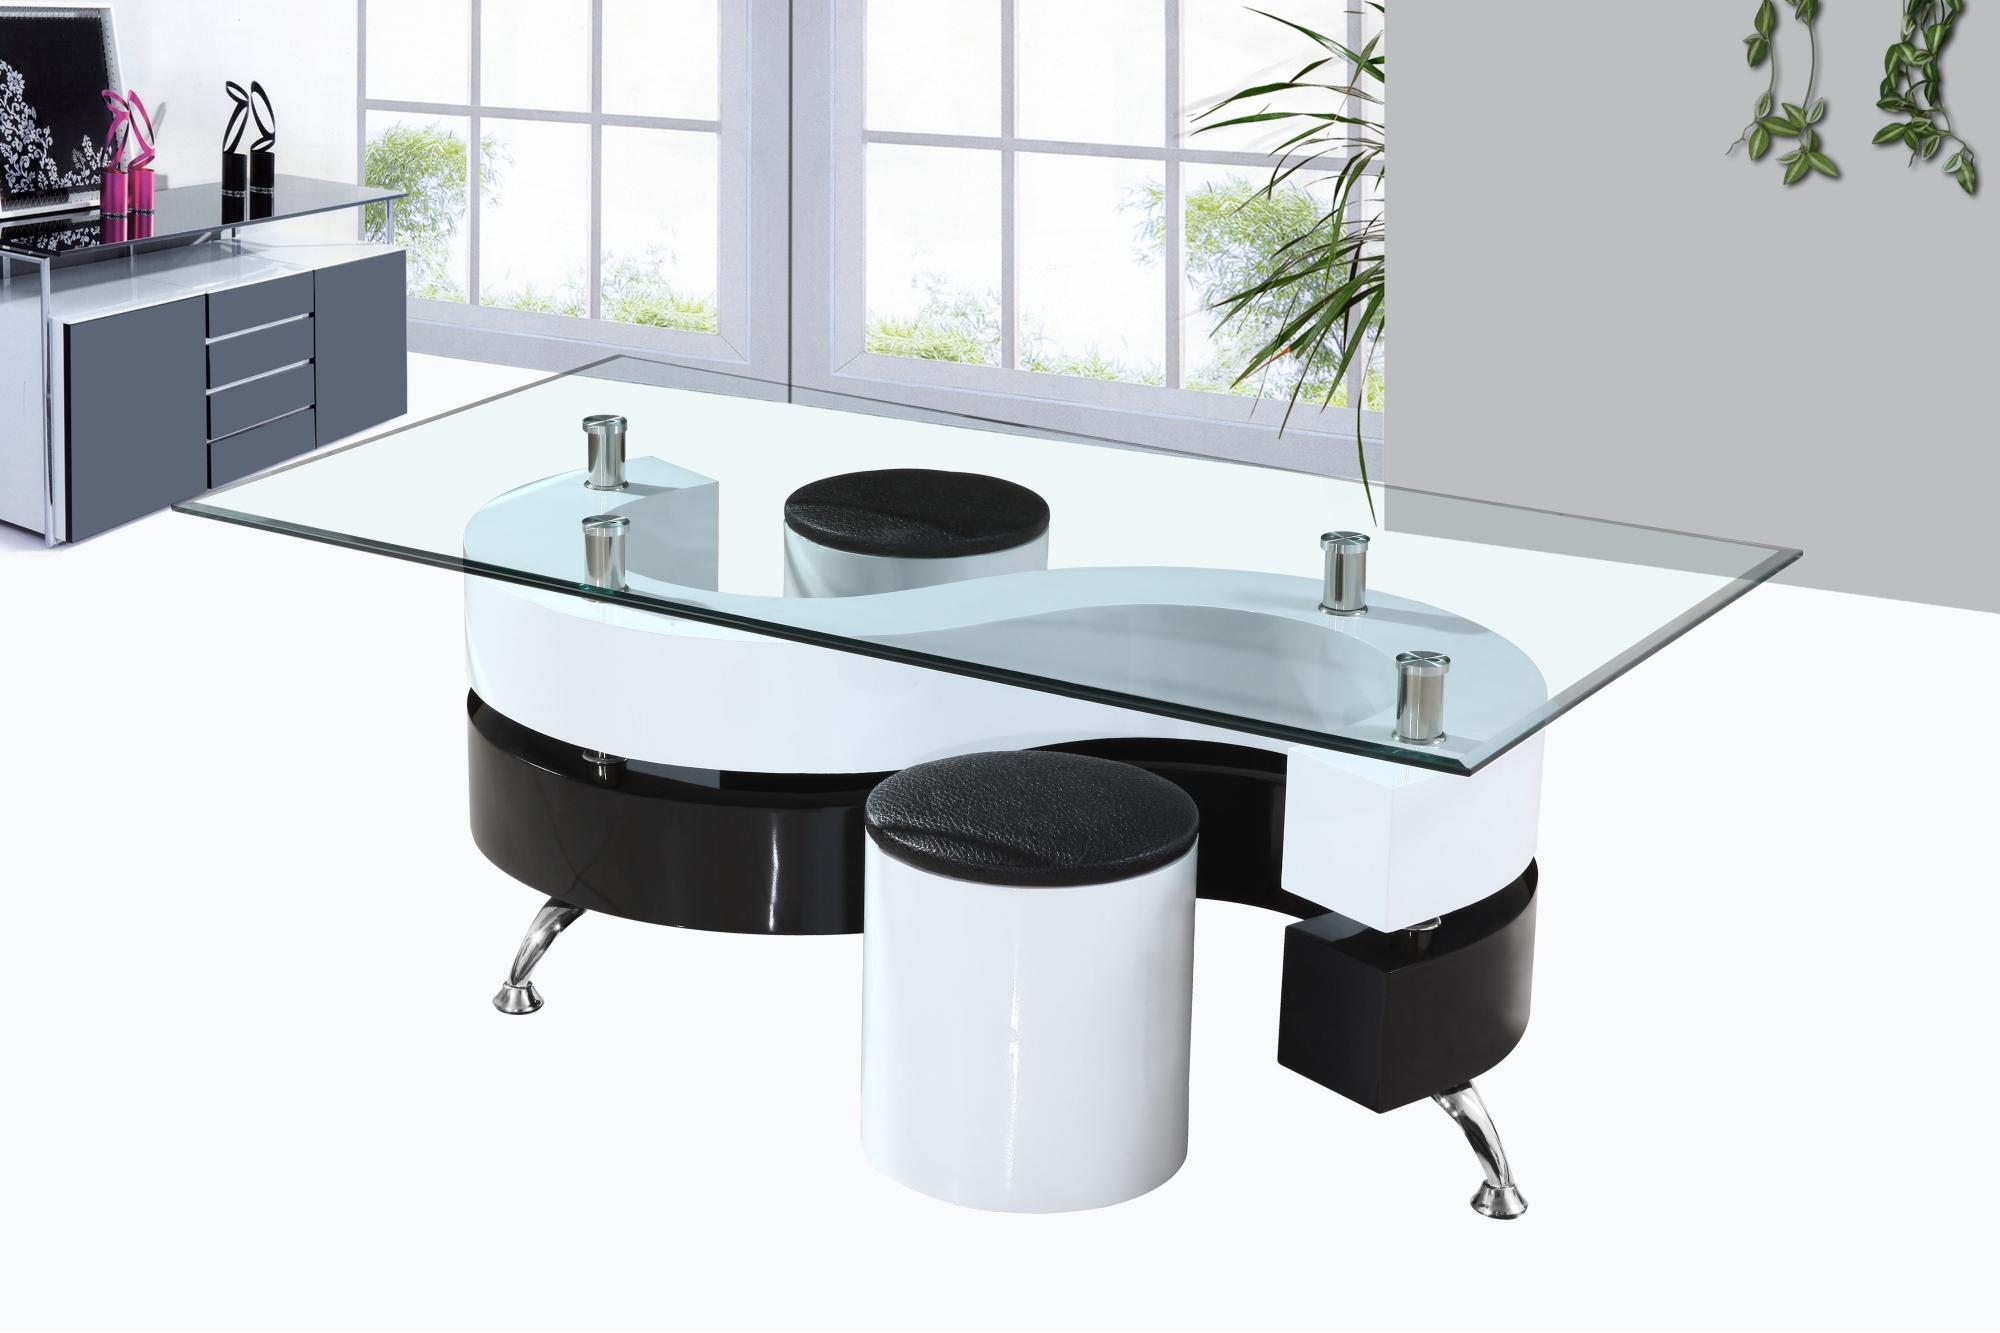 Table Basse Design En Verre Laquée Blanche Et Noire Avec Poufs Elyane